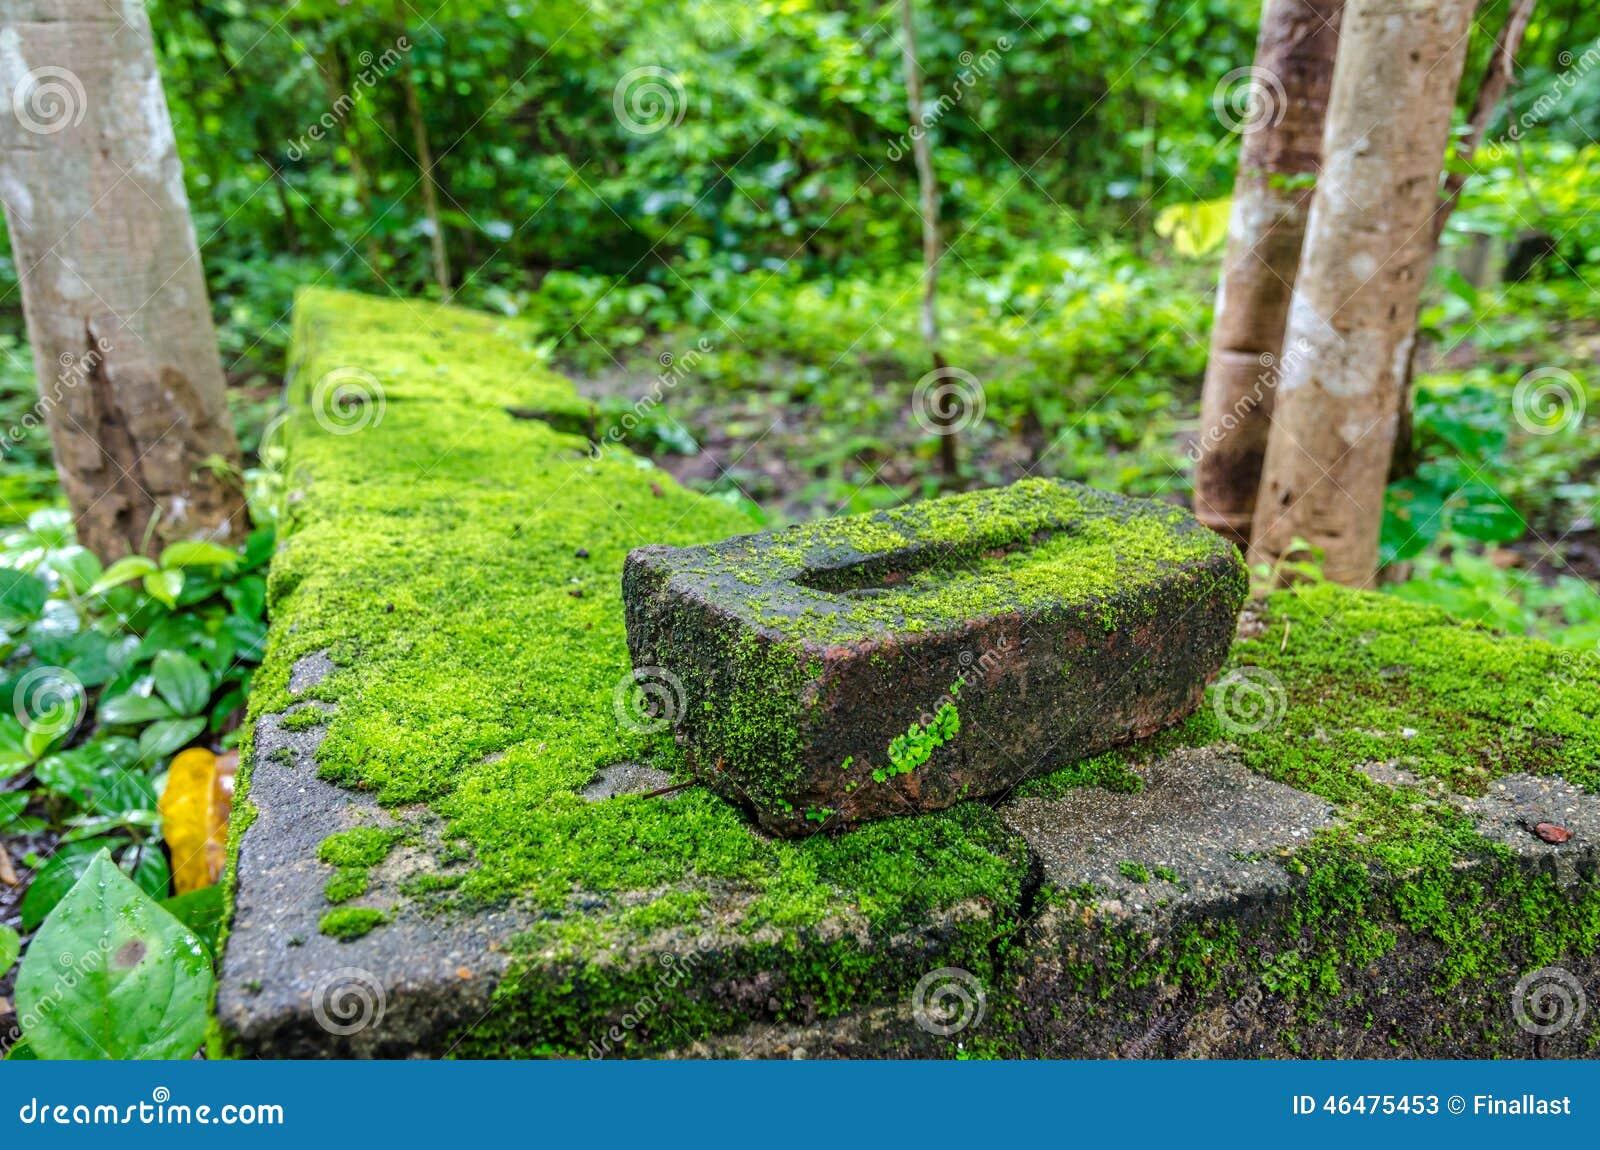 Moss Mats Moss Small Flowerless Plant Growing In Dense Green Clumps Or Mats